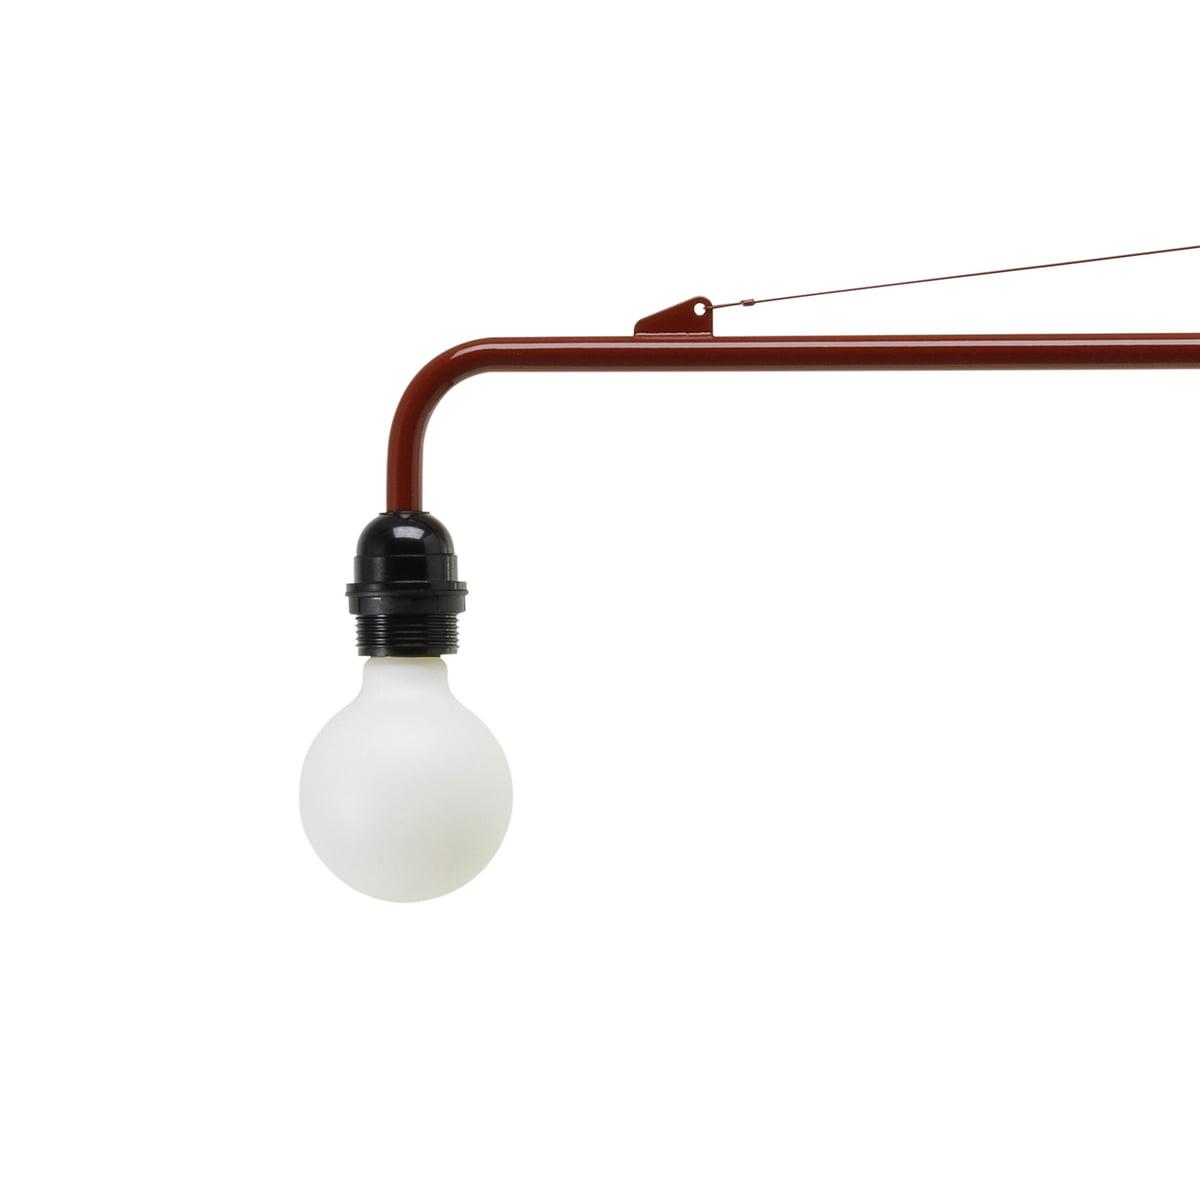 Vitra Potence Wall Lamp Black